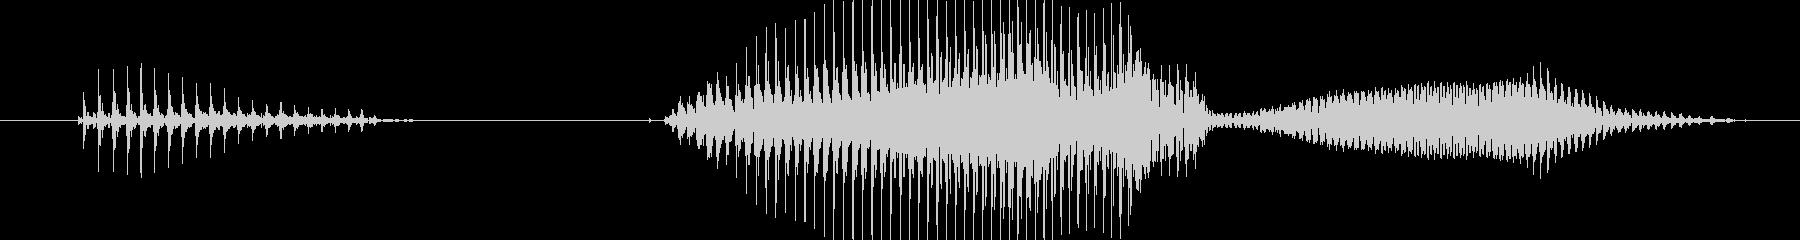 当たり!(アタリ)の未再生の波形